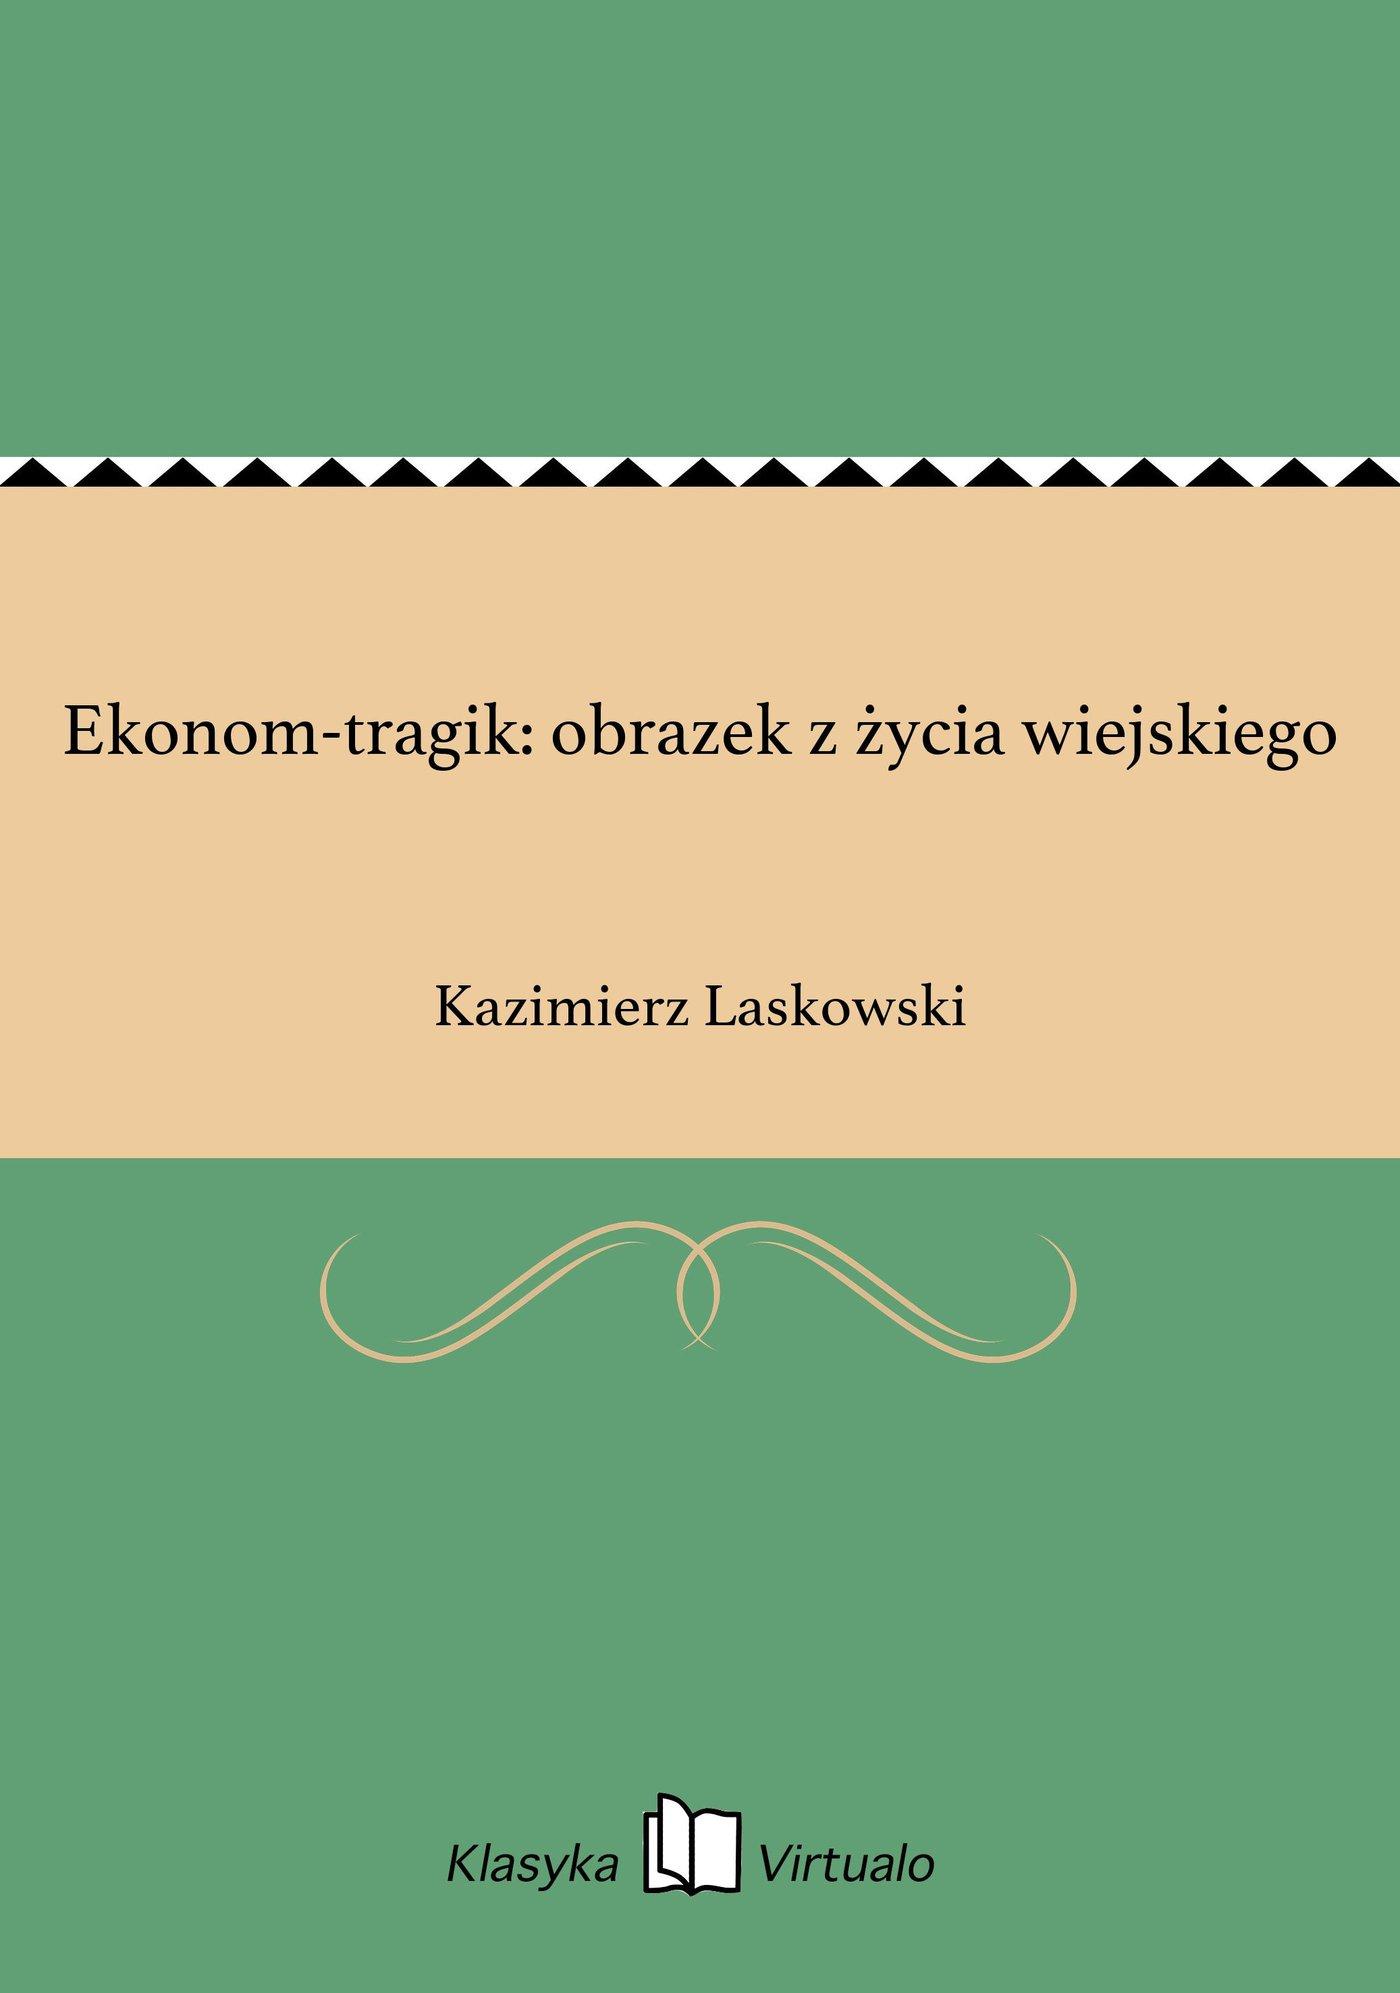 Ekonom-tragik: obrazek z życia wiejskiego - Ebook (Książka EPUB) do pobrania w formacie EPUB